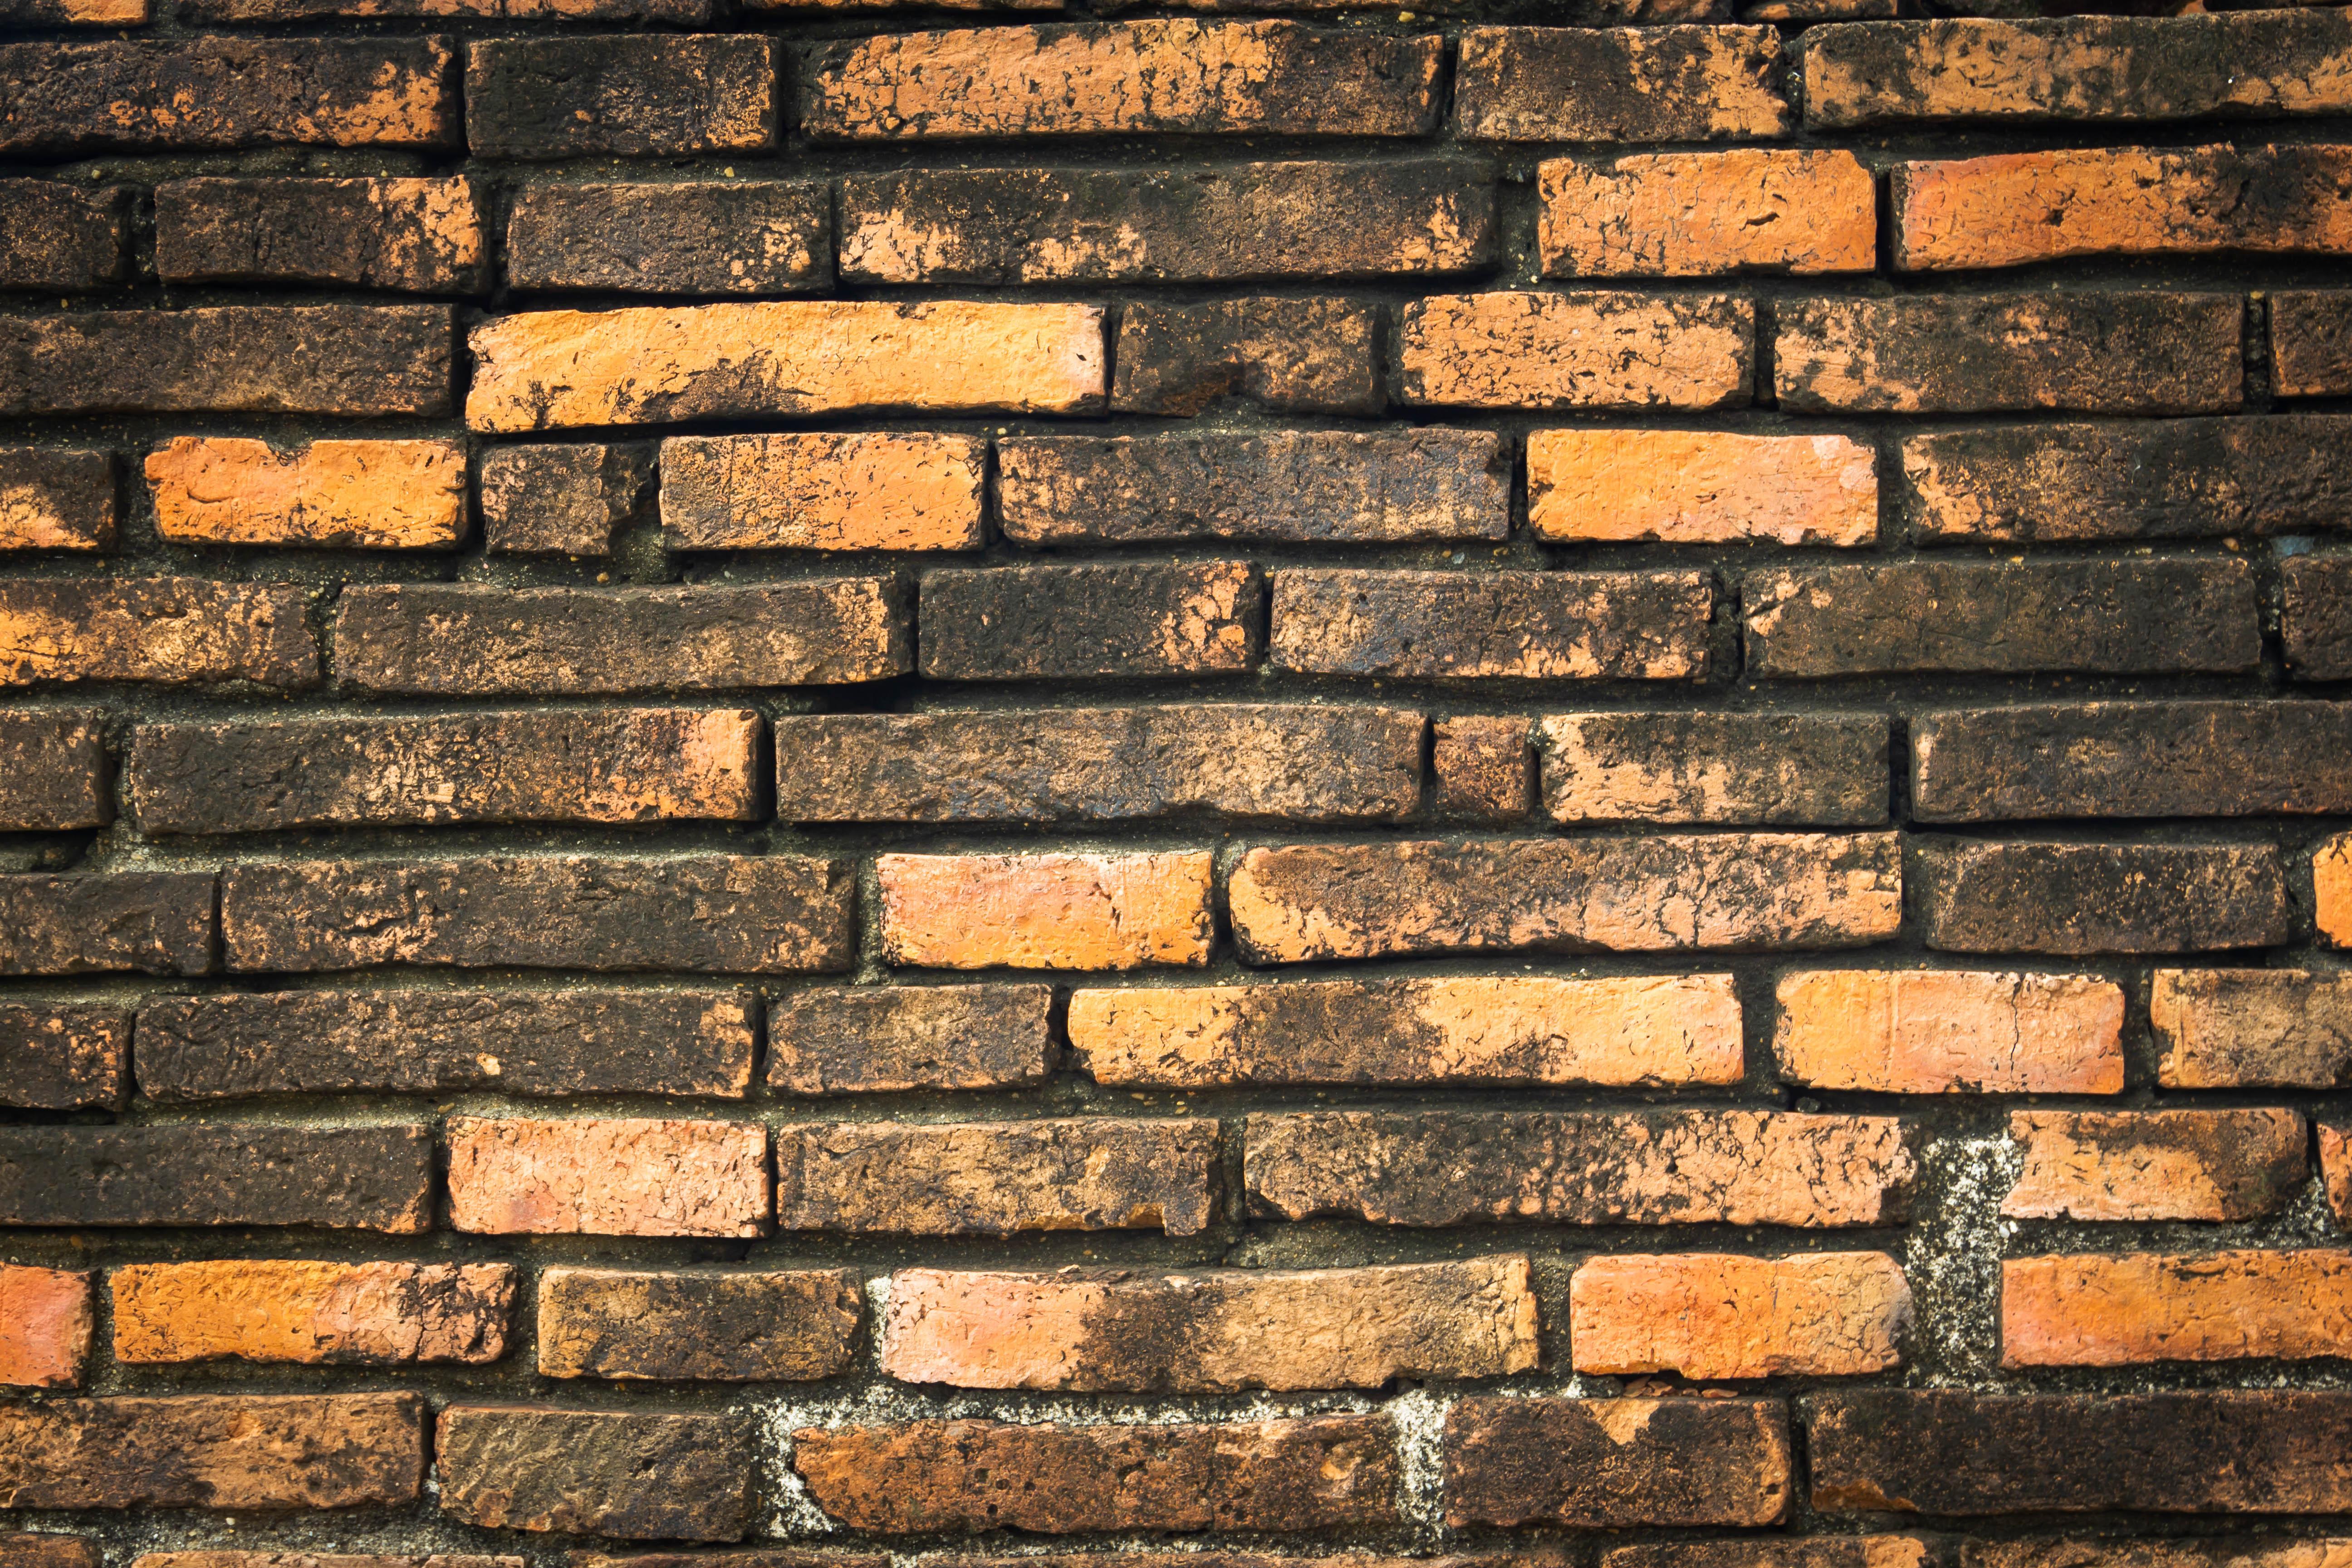 無料画像 抽象 老人 建築 背景 バックグラウンド ブロック